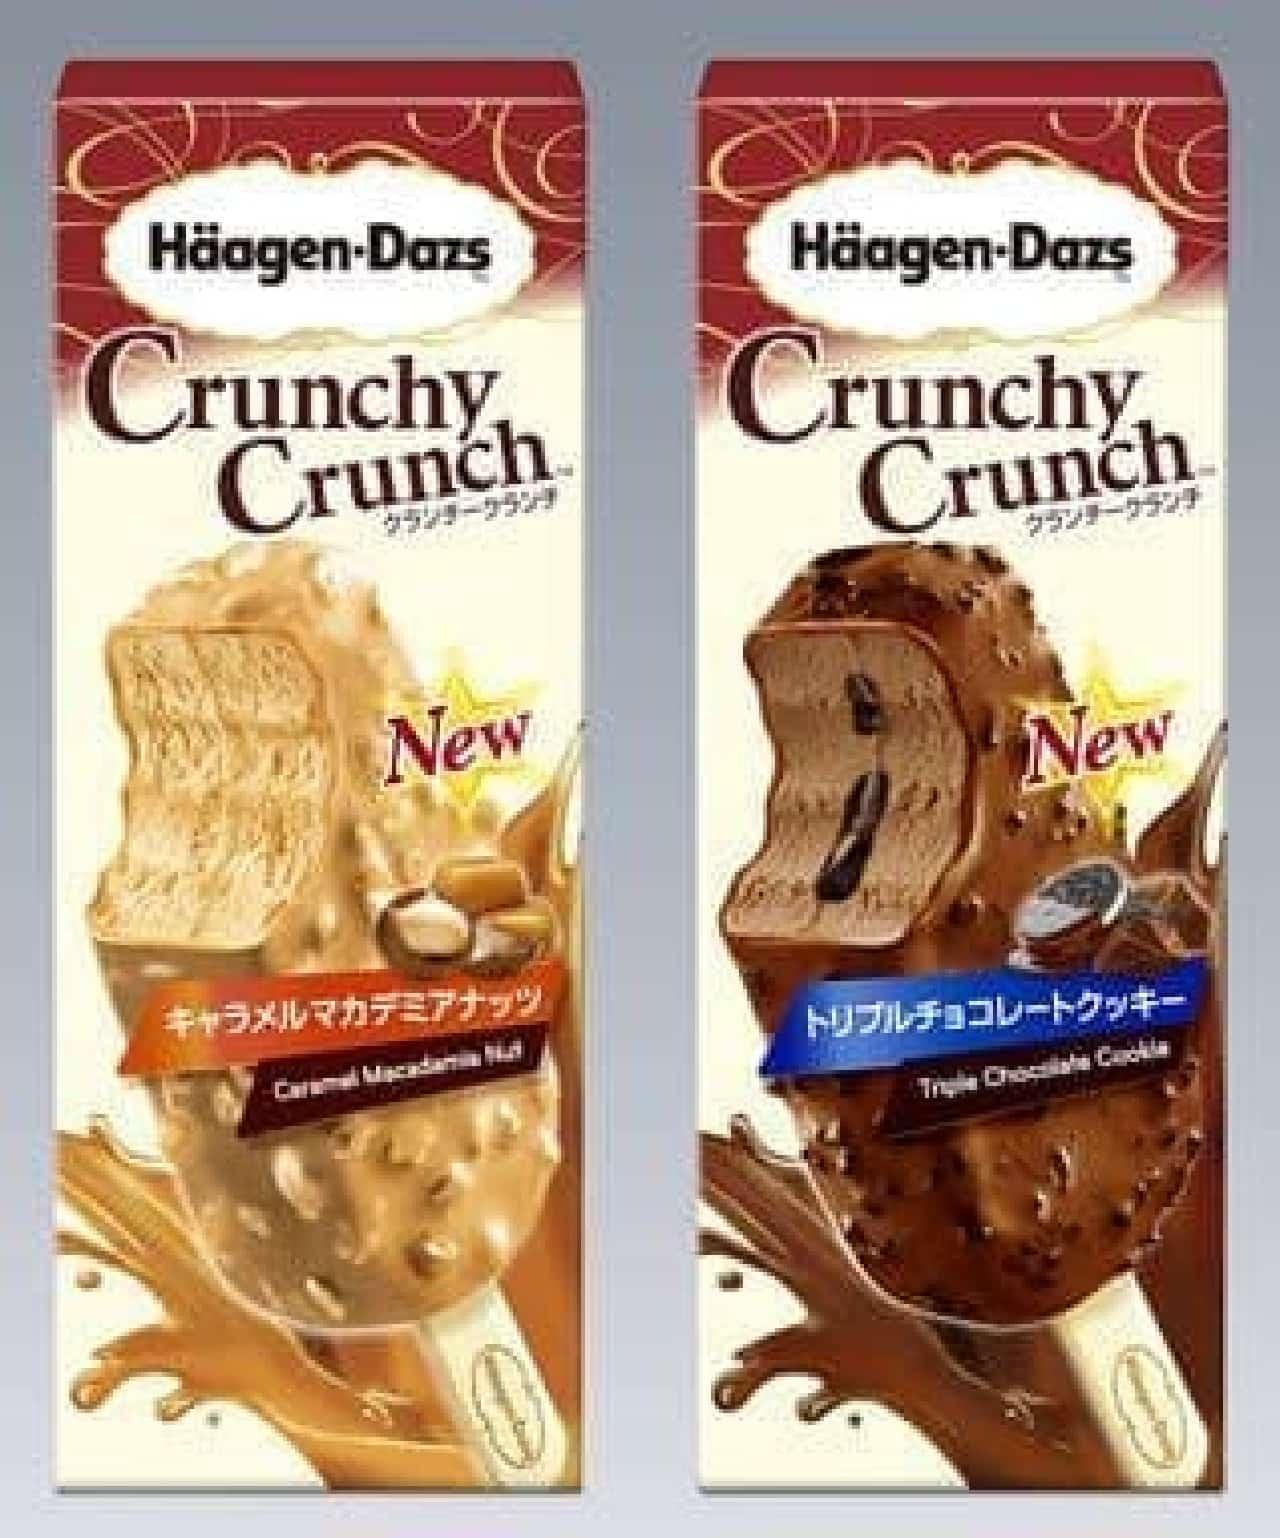 ハーゲンダッツ クランチークランチ「キャラメルマカデミアナッツ」、  同「トリプルチョコレートクッキー」